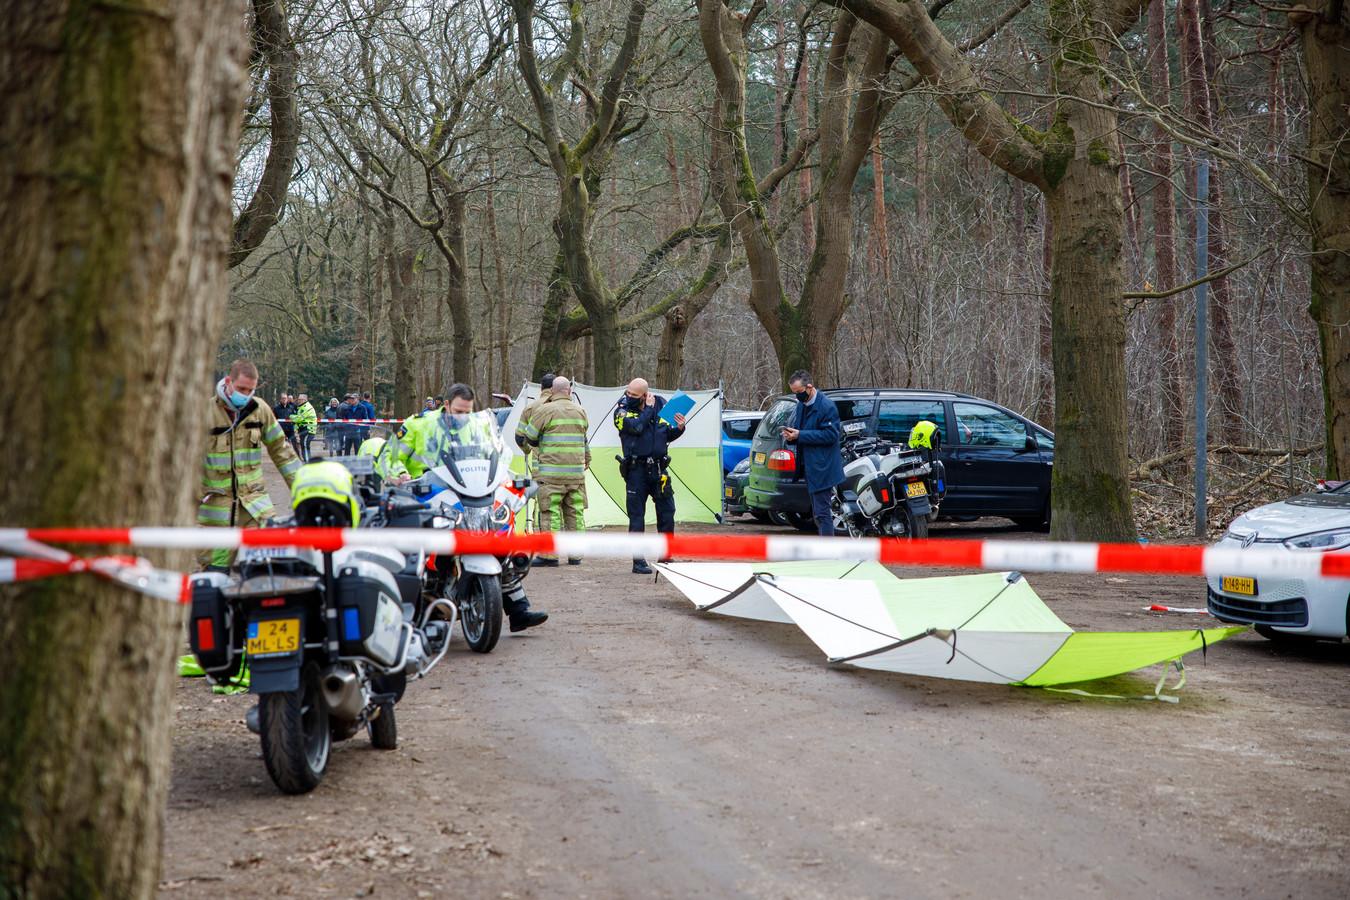 De politie doet onderzoek bij landgoed Heidestein in Zeist na de vondst van een lichaam.